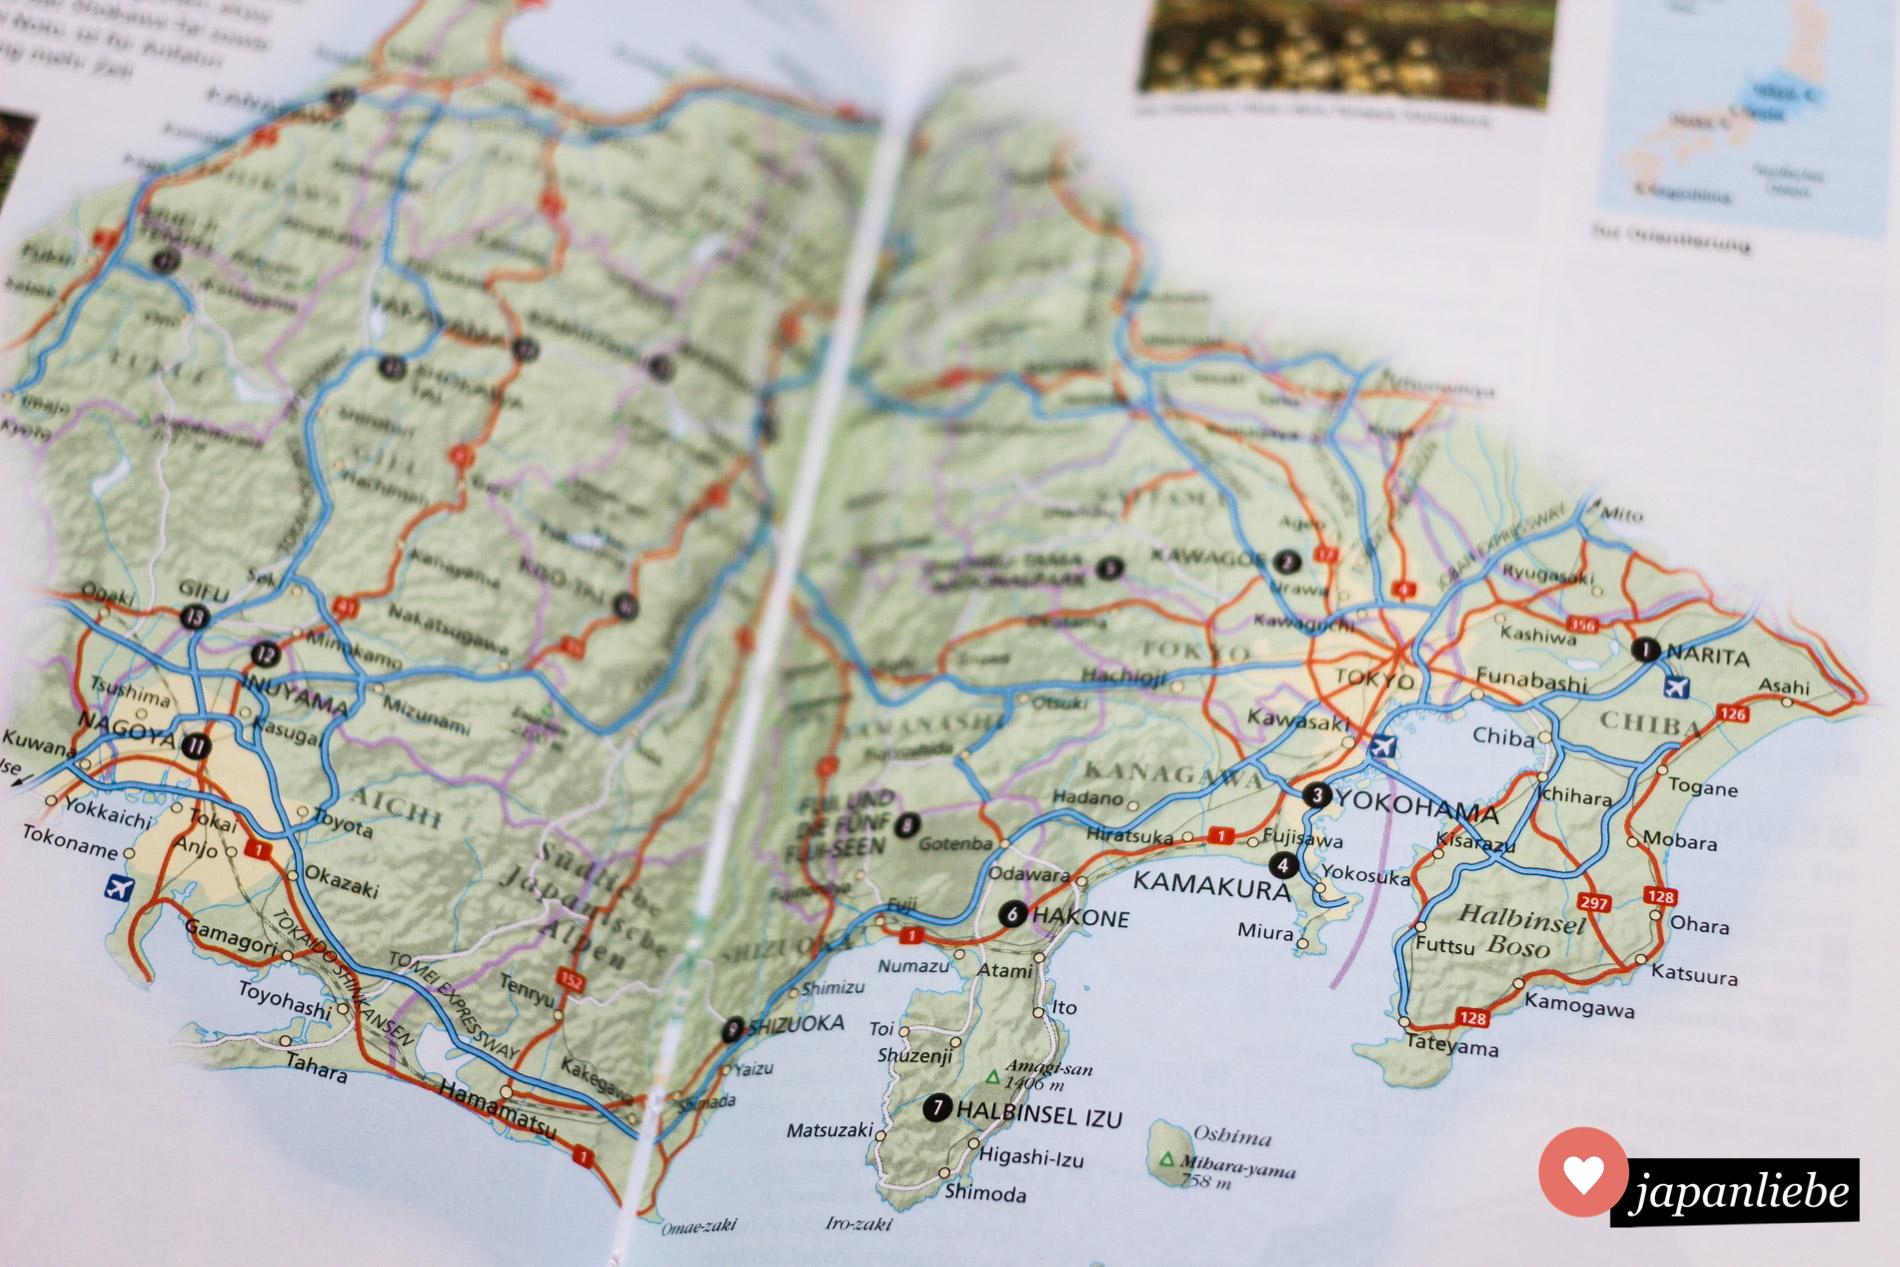 Das beste Hilfsmittel fürs Planen meiner Japanreisen: die fantastischen, regionalen Übersichtskarten.